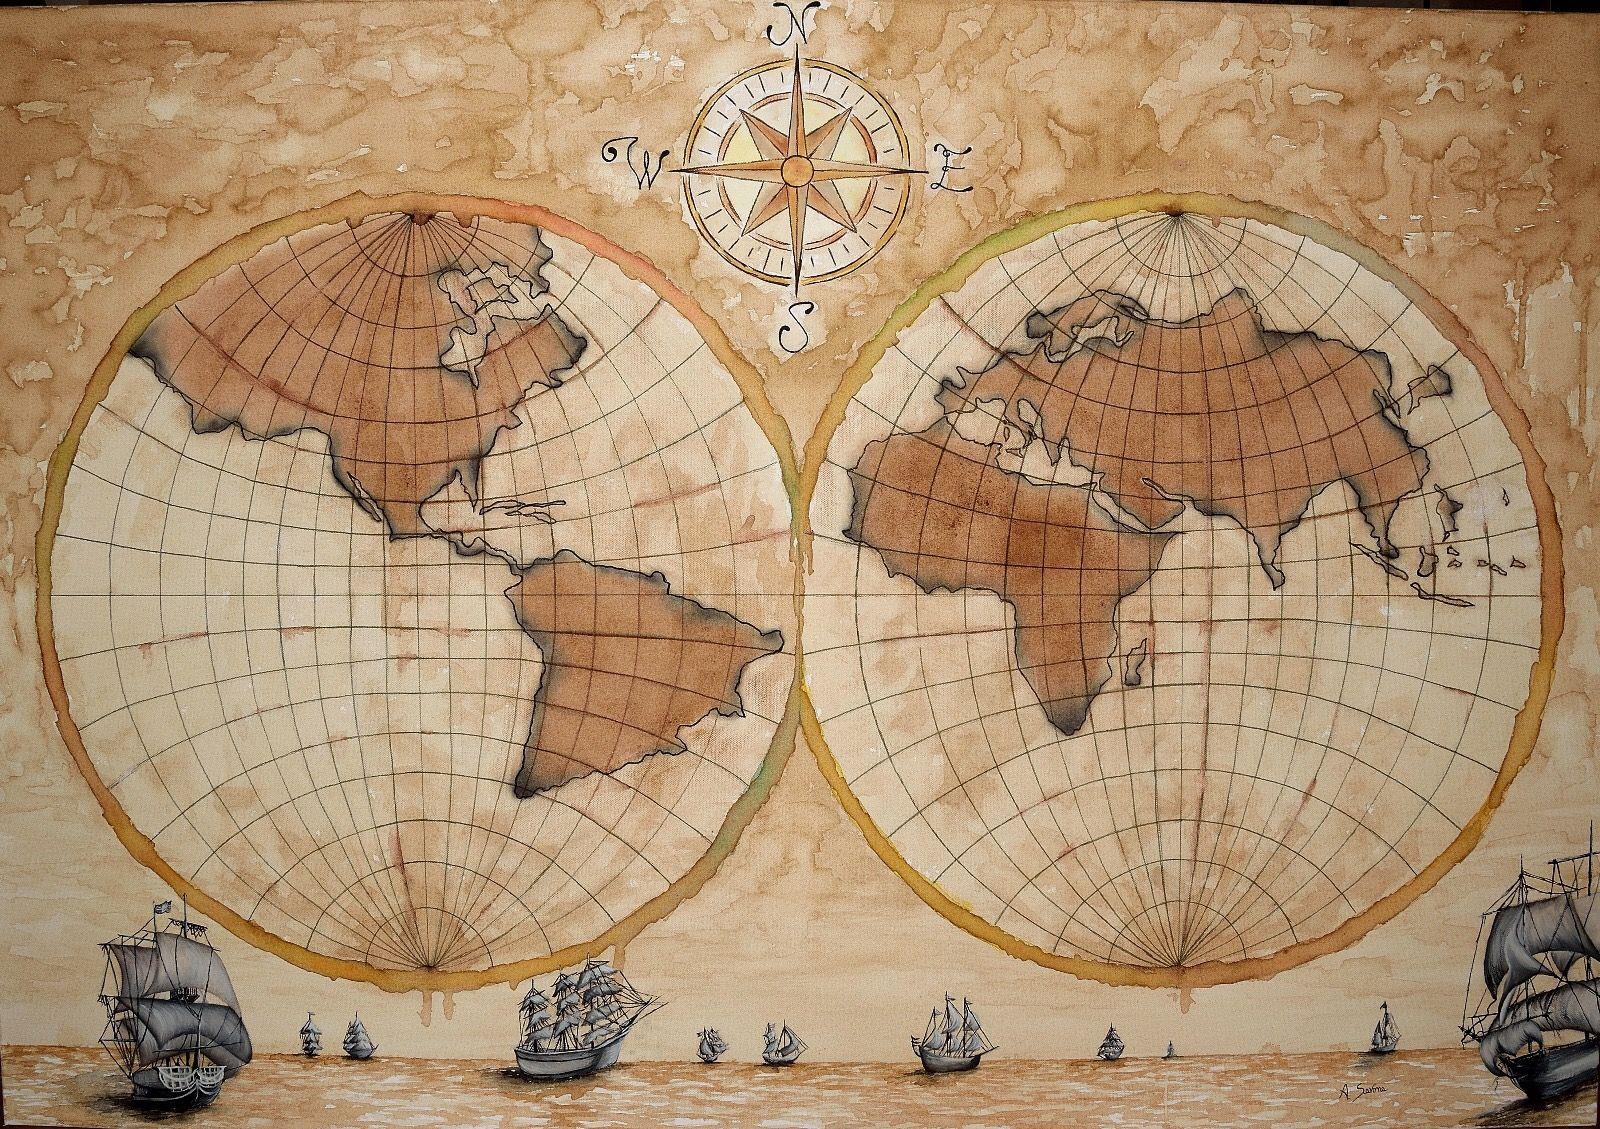 Cartina Antica Mondo.Autrice Antonella Savona Titolo Mondo Antico Dimensioni 130x90 Il Quadro Rappresenta Una Vecchia Cartina Geografica In Cui E Geografia Mondo Vintage Geografia